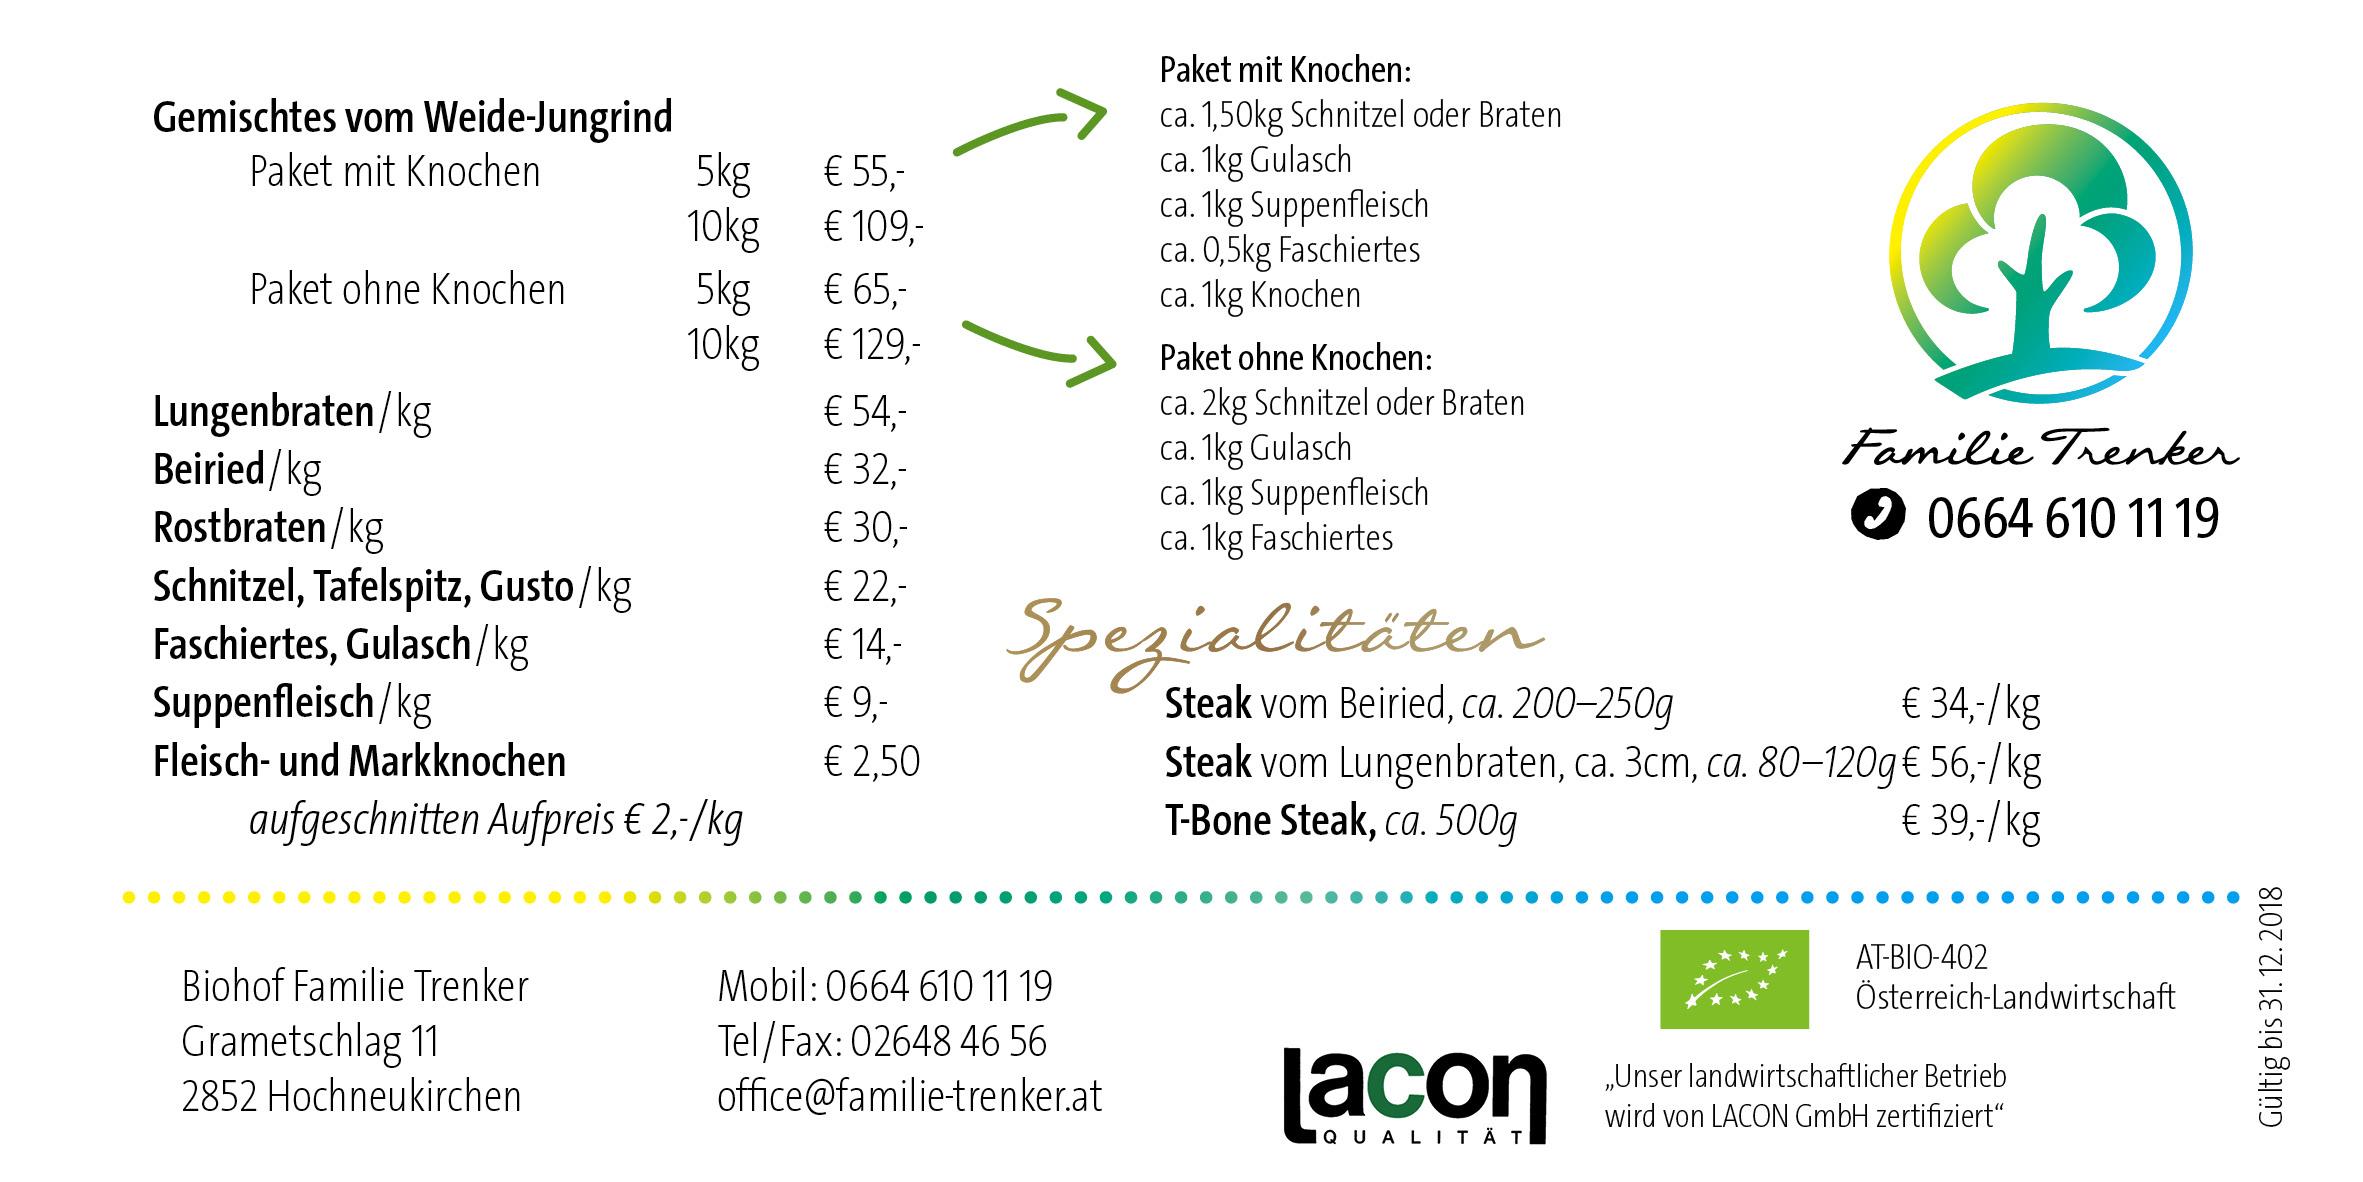 Preisliste Weidejungrindfleisch